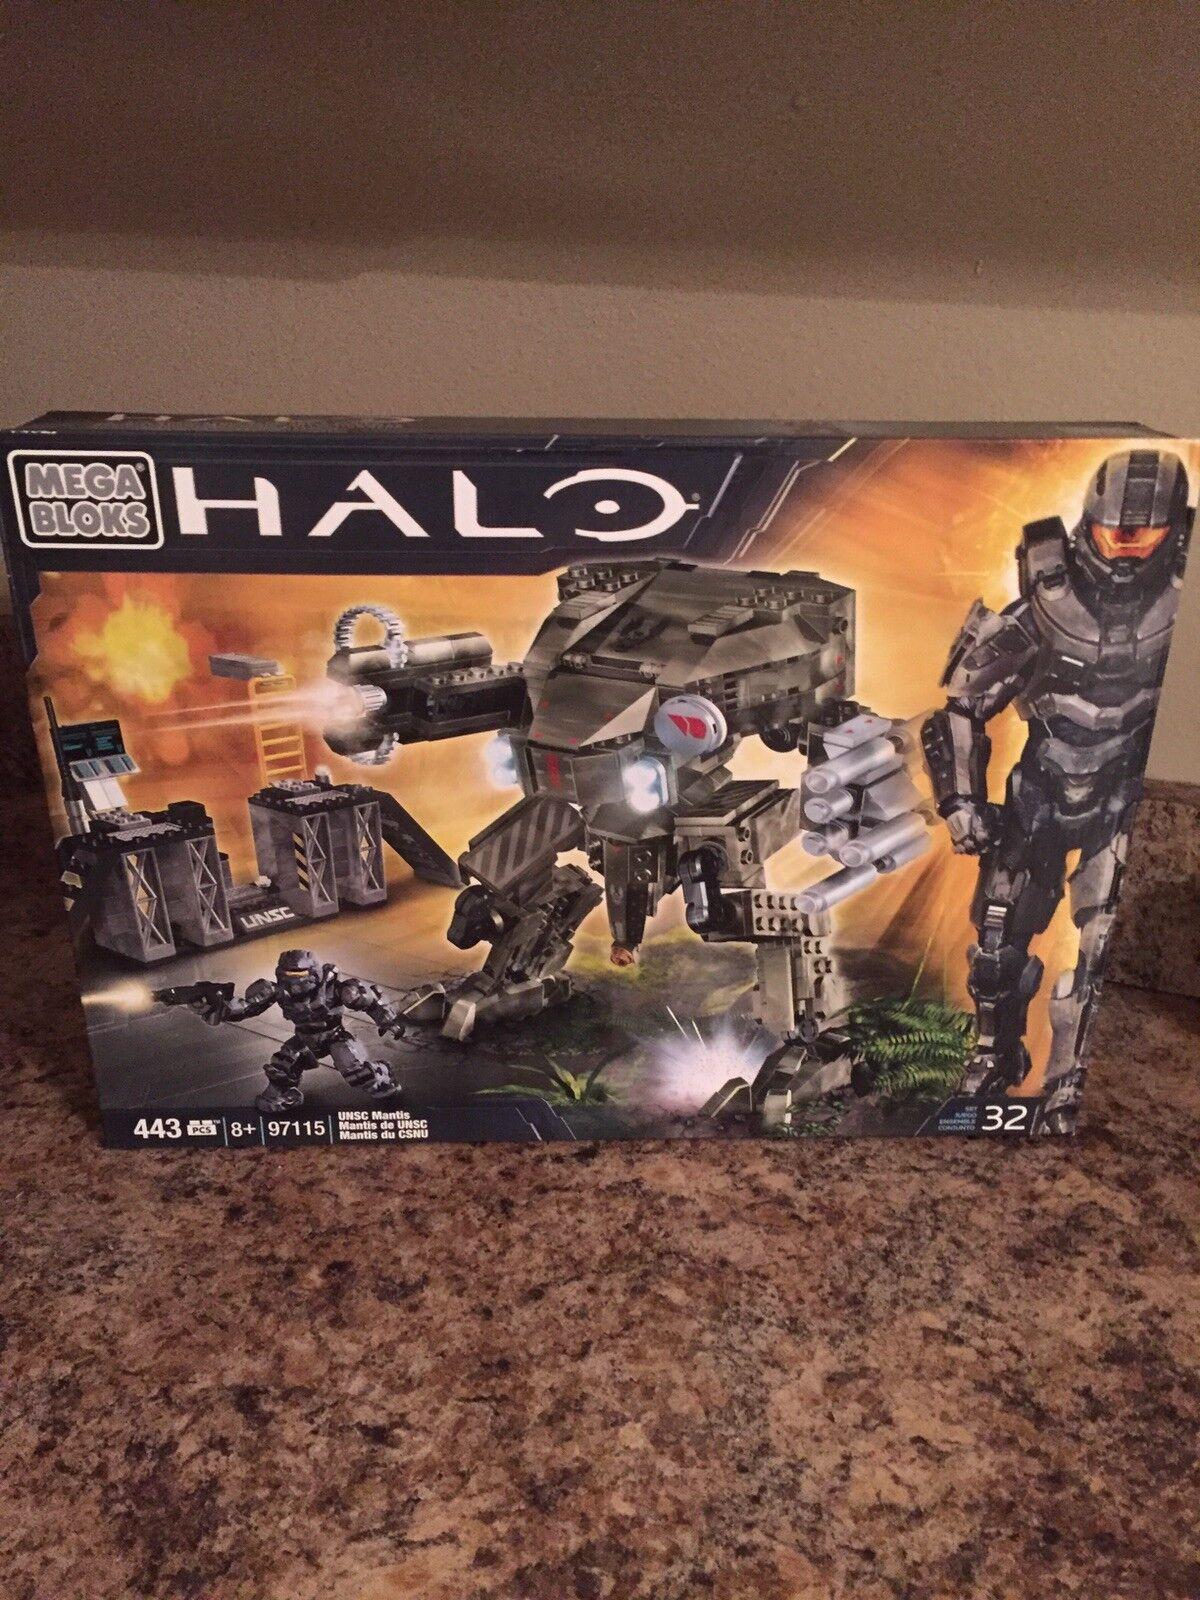 Nuevo Mega Bloks Halo 97115 Unsc Mantis sellado de fábrica